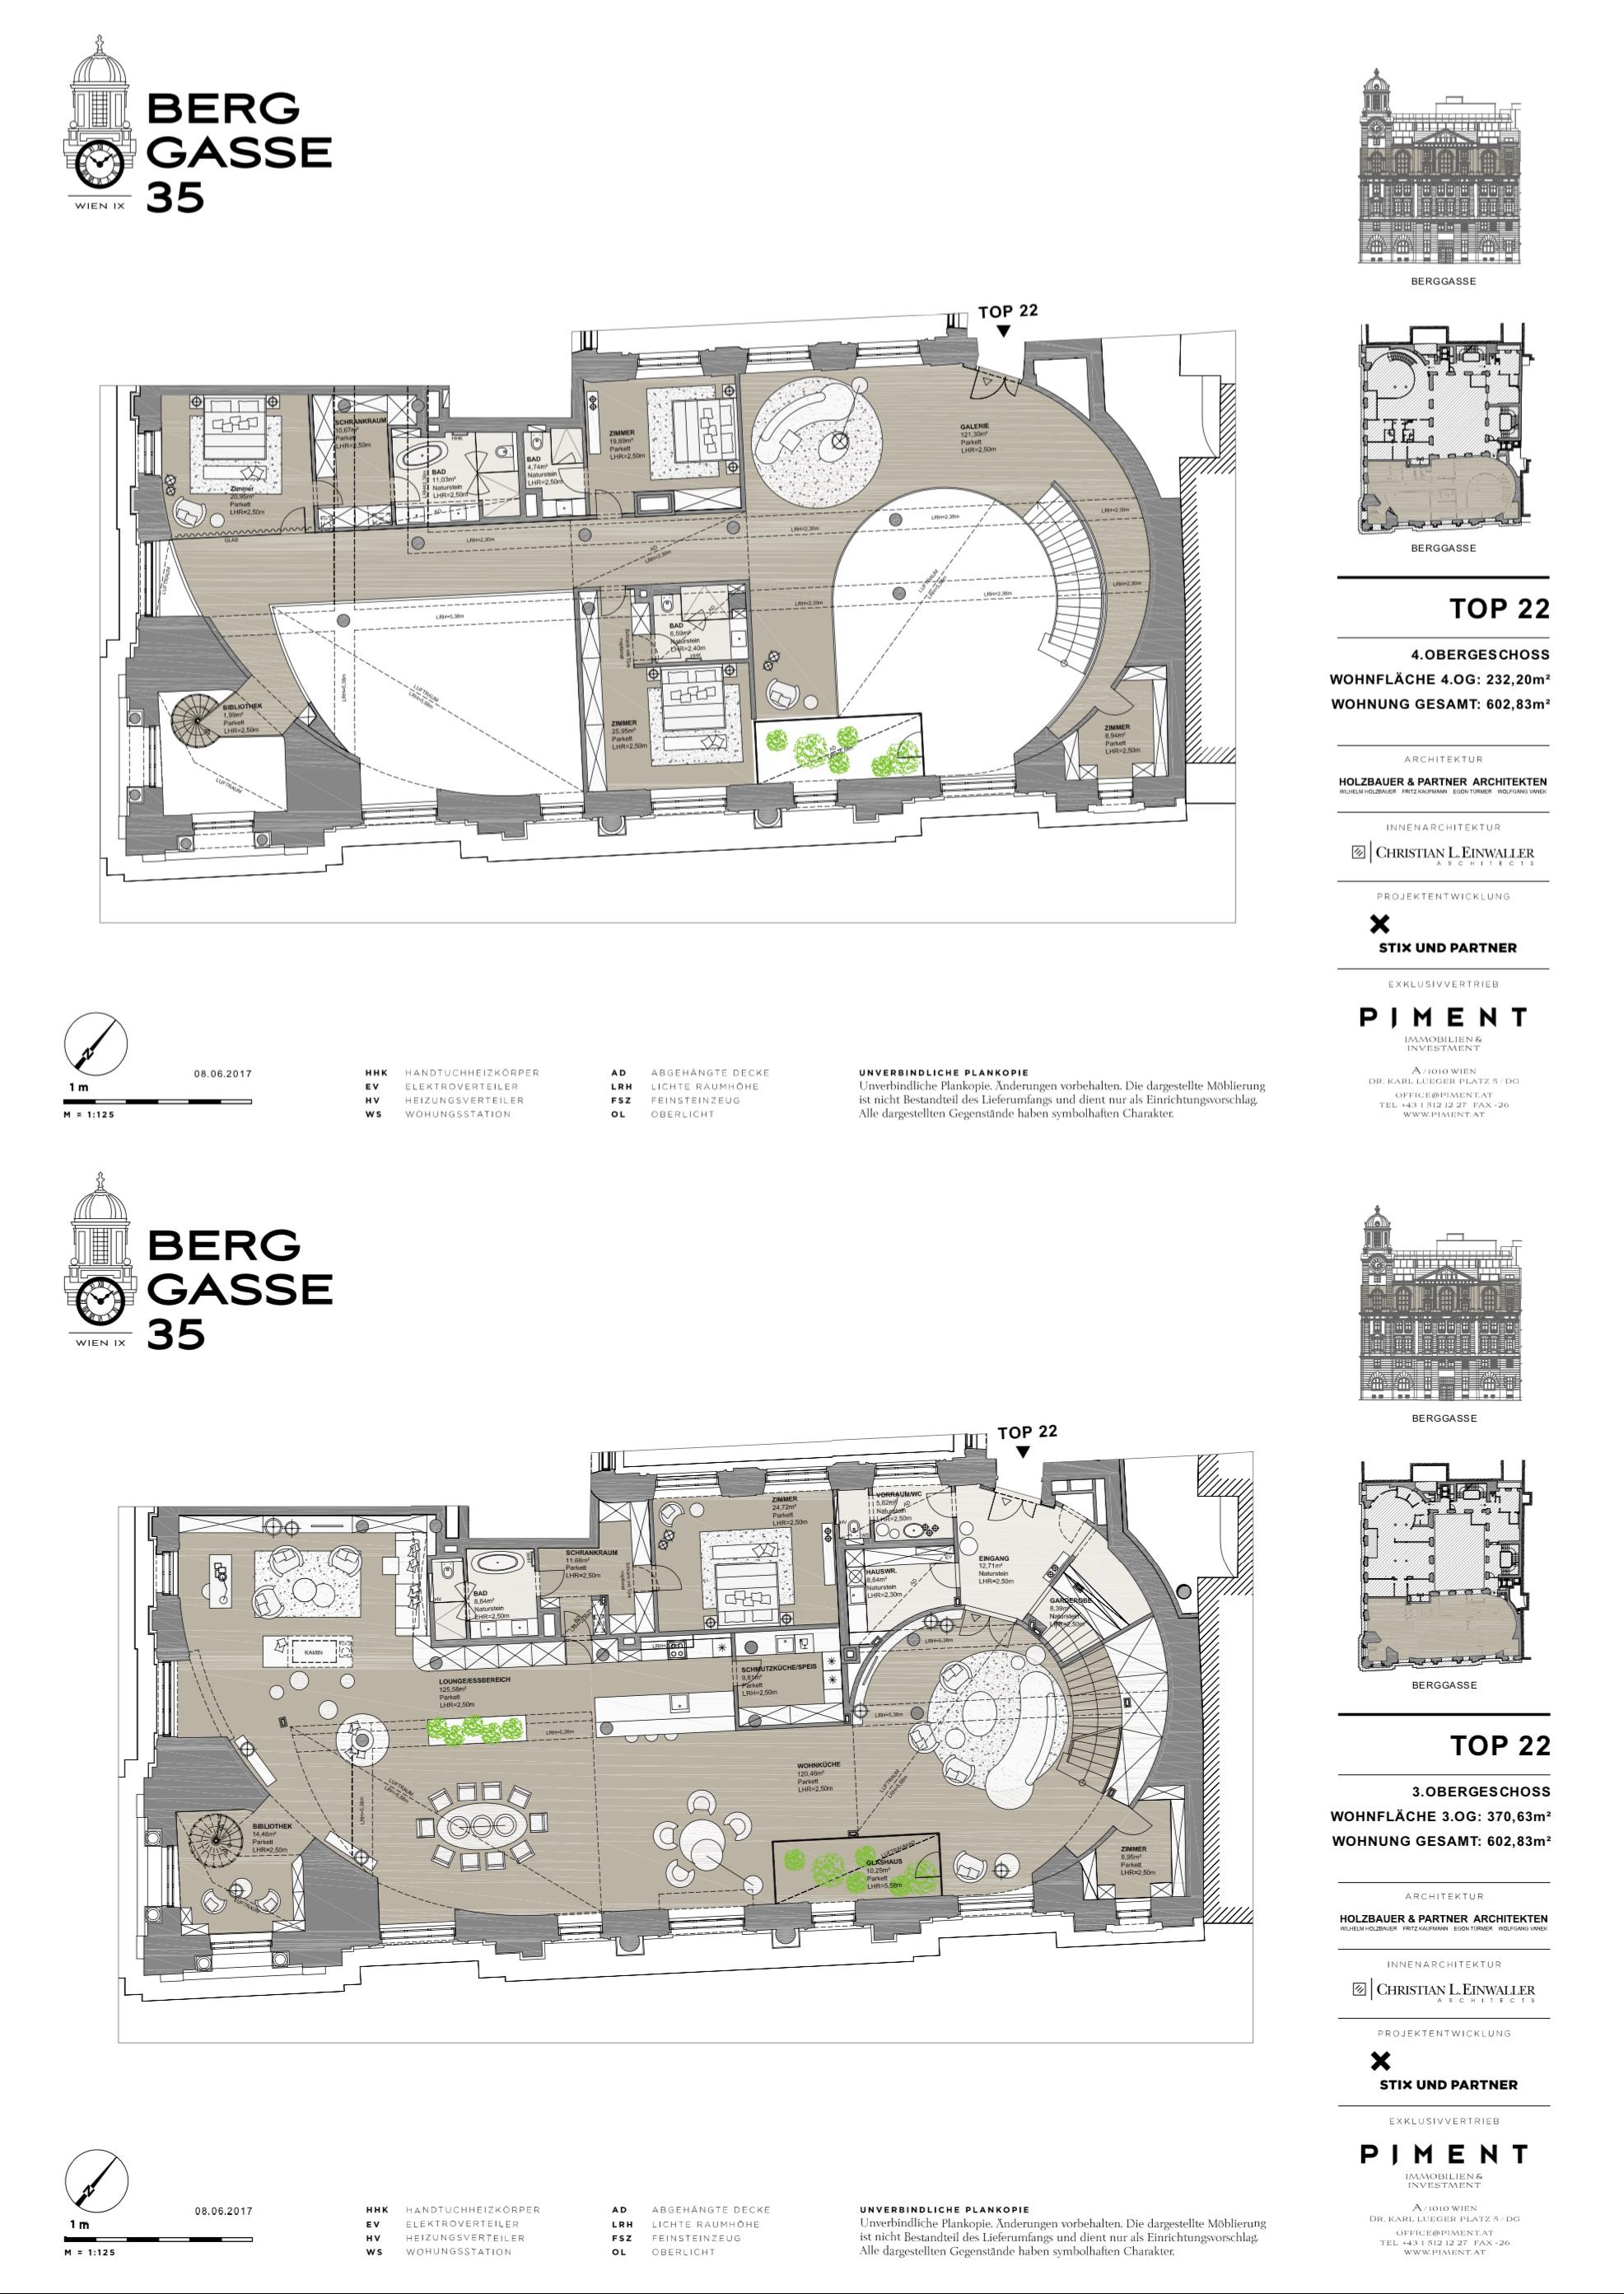 Berggasse35 Vienna Vienna Top22 Floor Plan Layout Apartment Floor Plans Hotel Plan